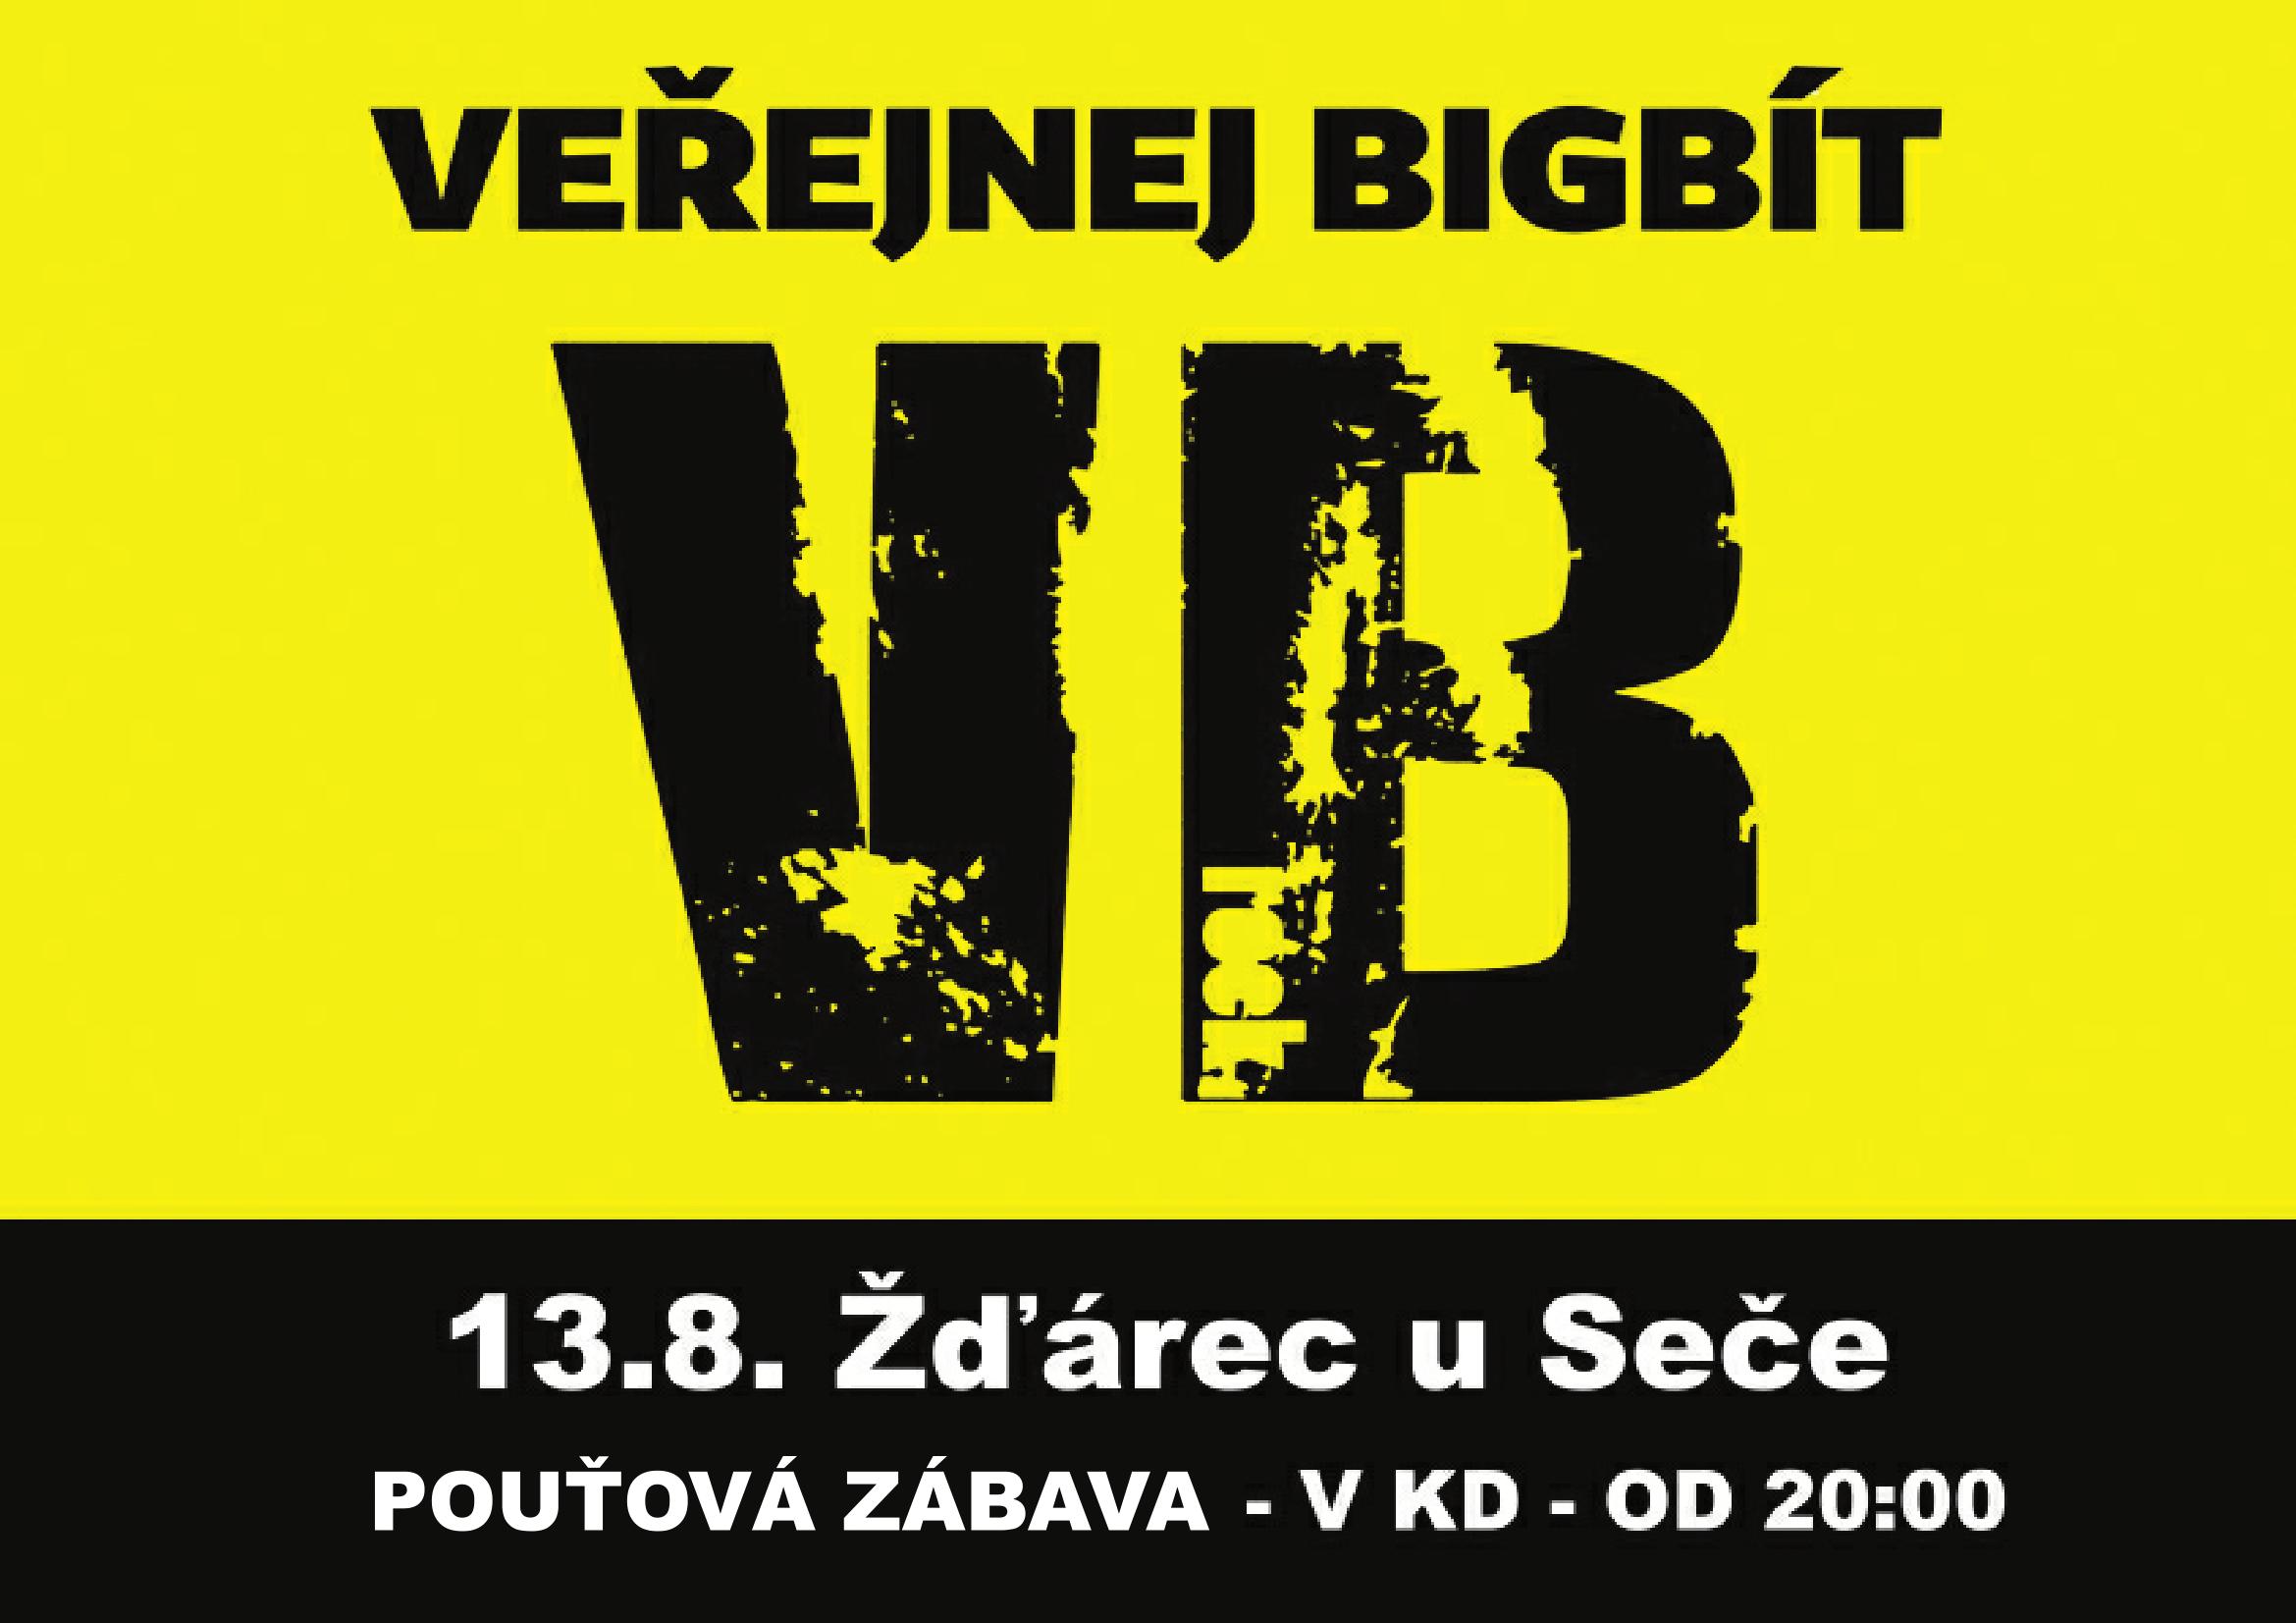 VB-zdarec-1